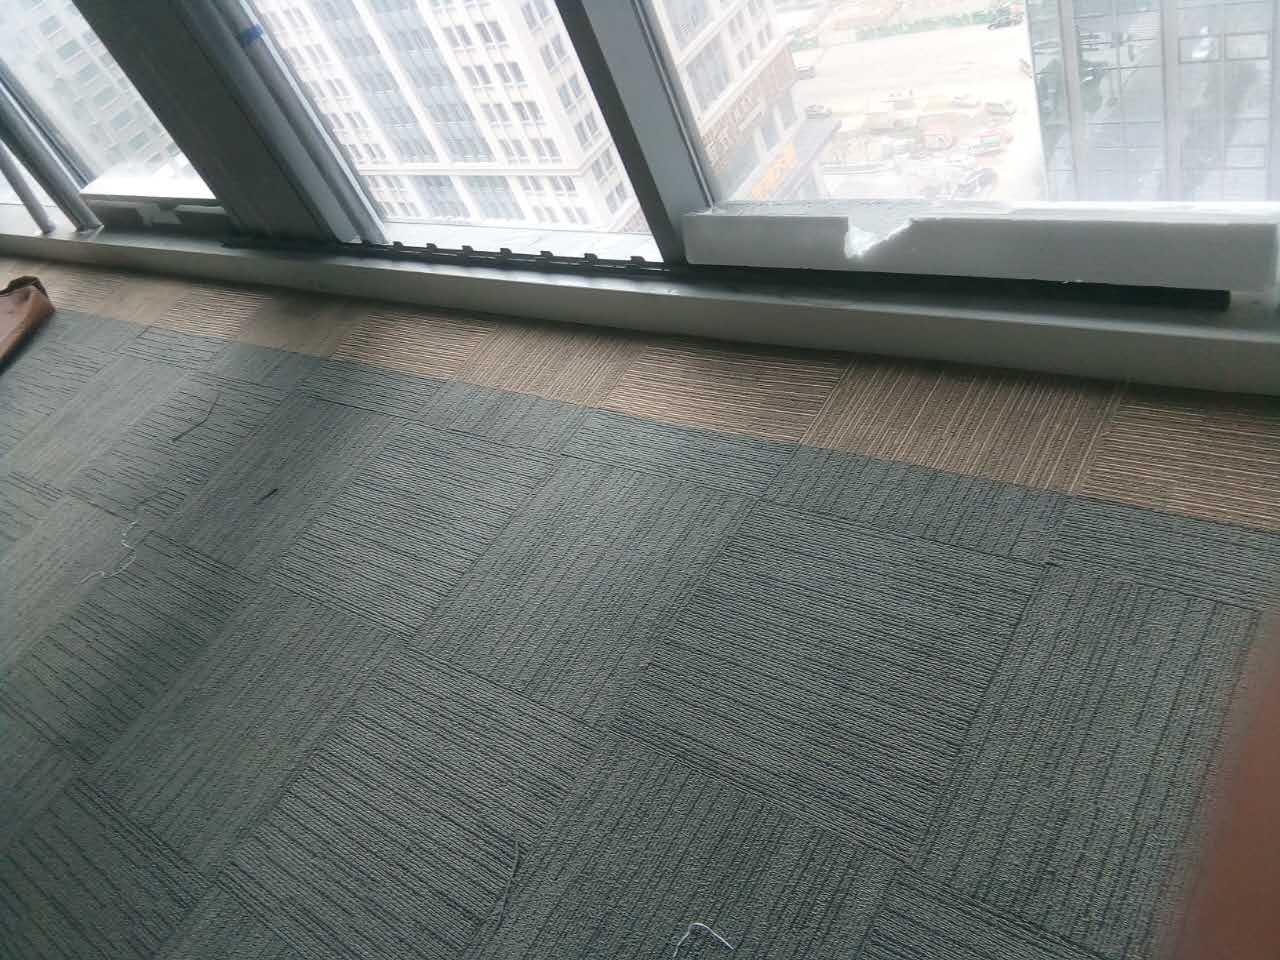 煙臺lg塑膠地板  煙臺lg塑膠地板批發